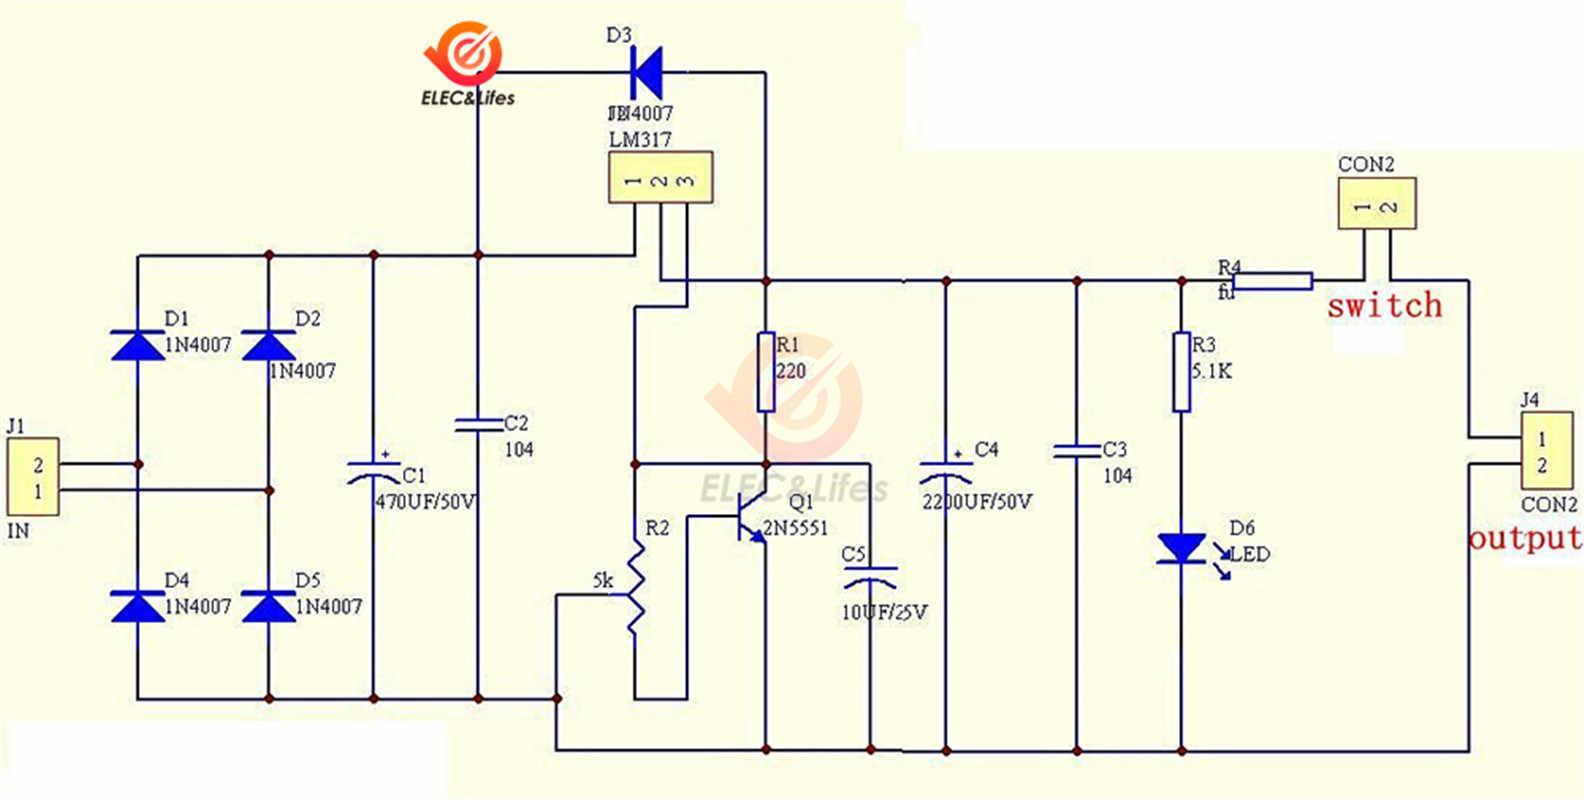 LM317 AC/DCแรงดันไฟฟ้าRegulaterขั้นตอนลงBuck Power Supplyโมดูลสวิทช์Potentiometer PCB DIYชุดLM317T